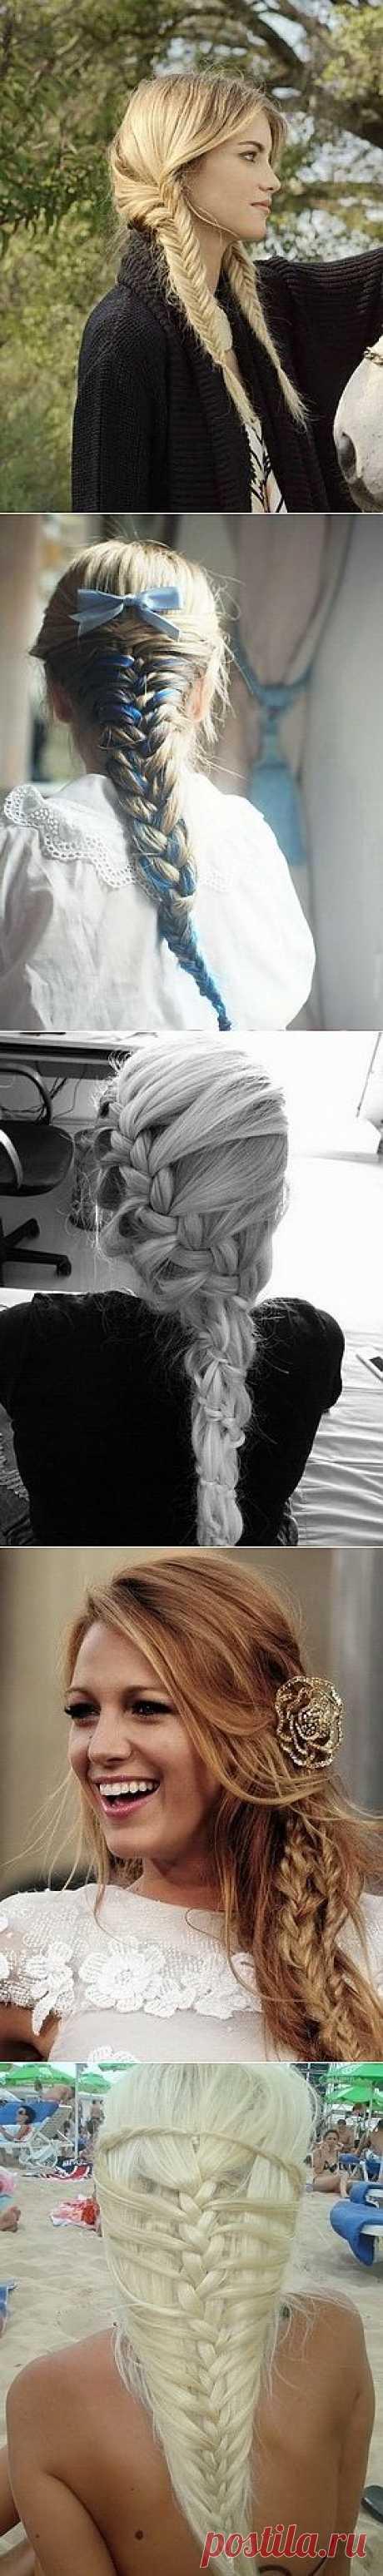 Несколько красивых кос / Прически / Модный сайт о стильной переделке одежды и интерьера